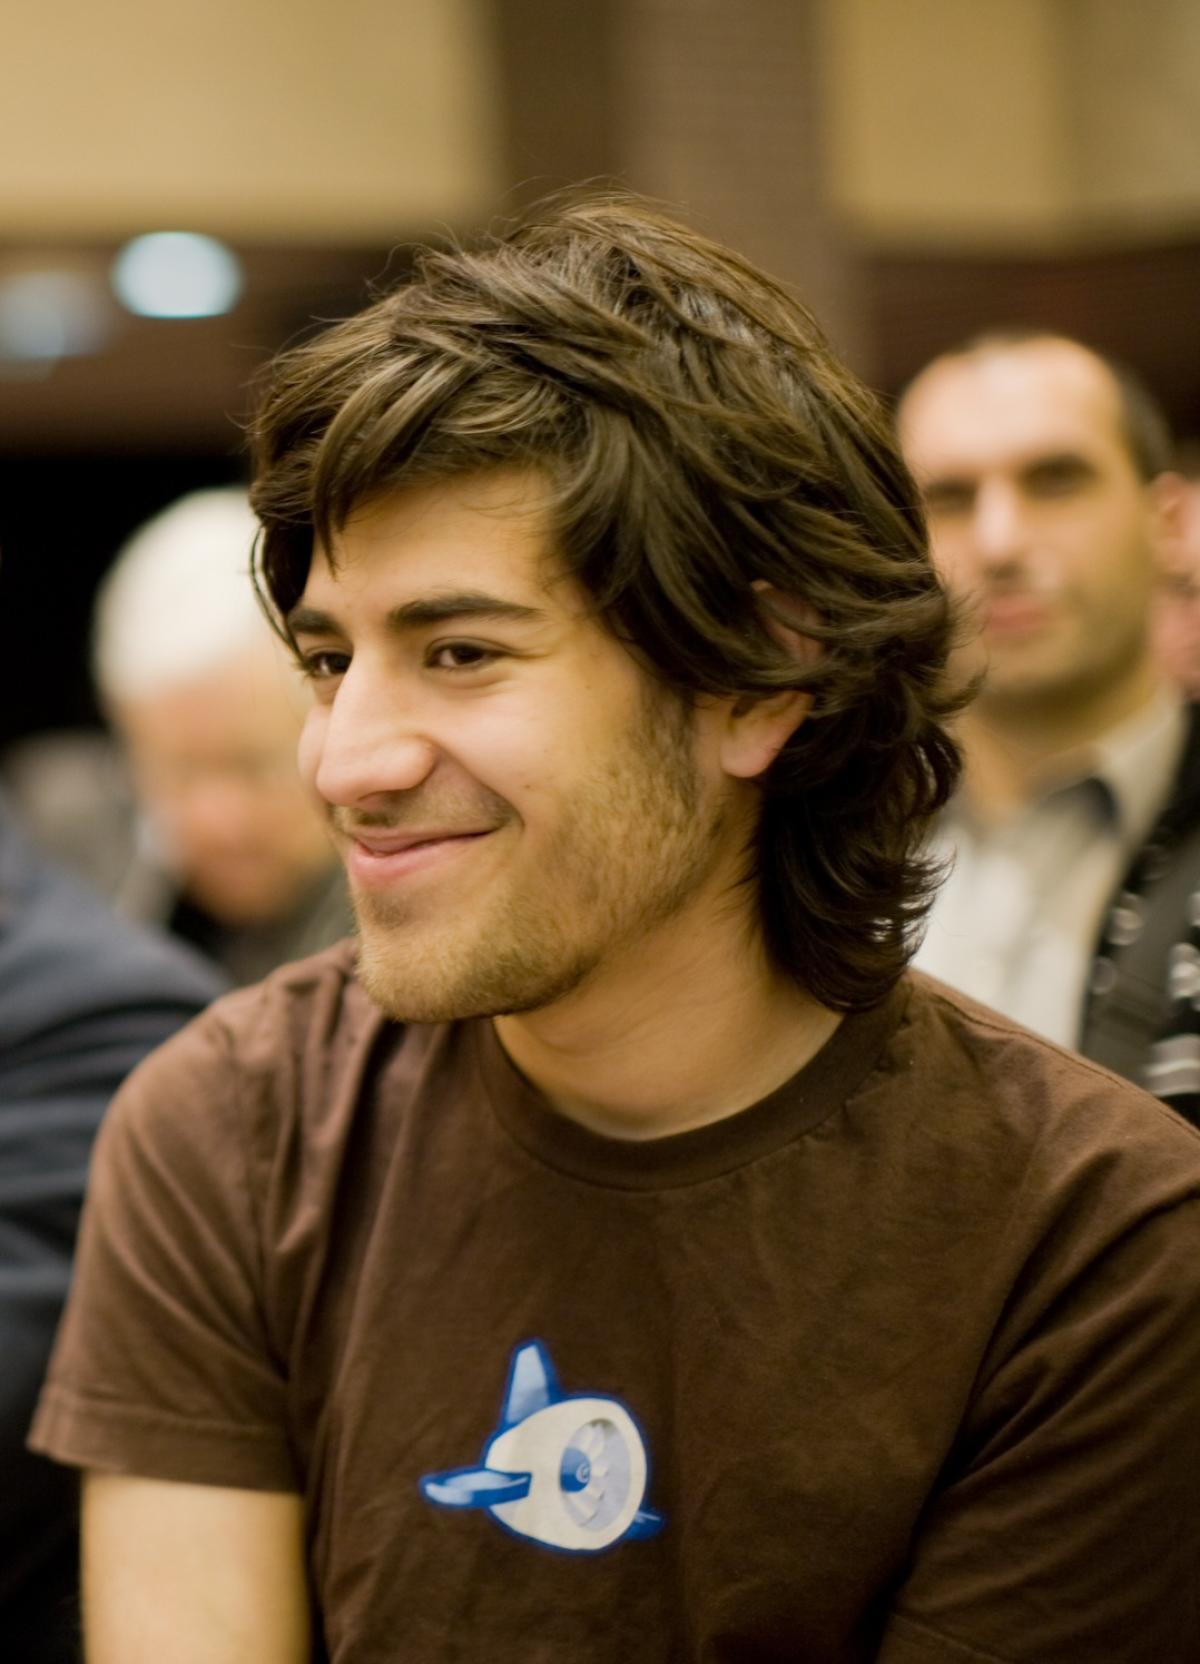 Aaron Swartz, lors d'un événement consacré à la licence Creative Commons, qu'il a contribué à mettre en place.